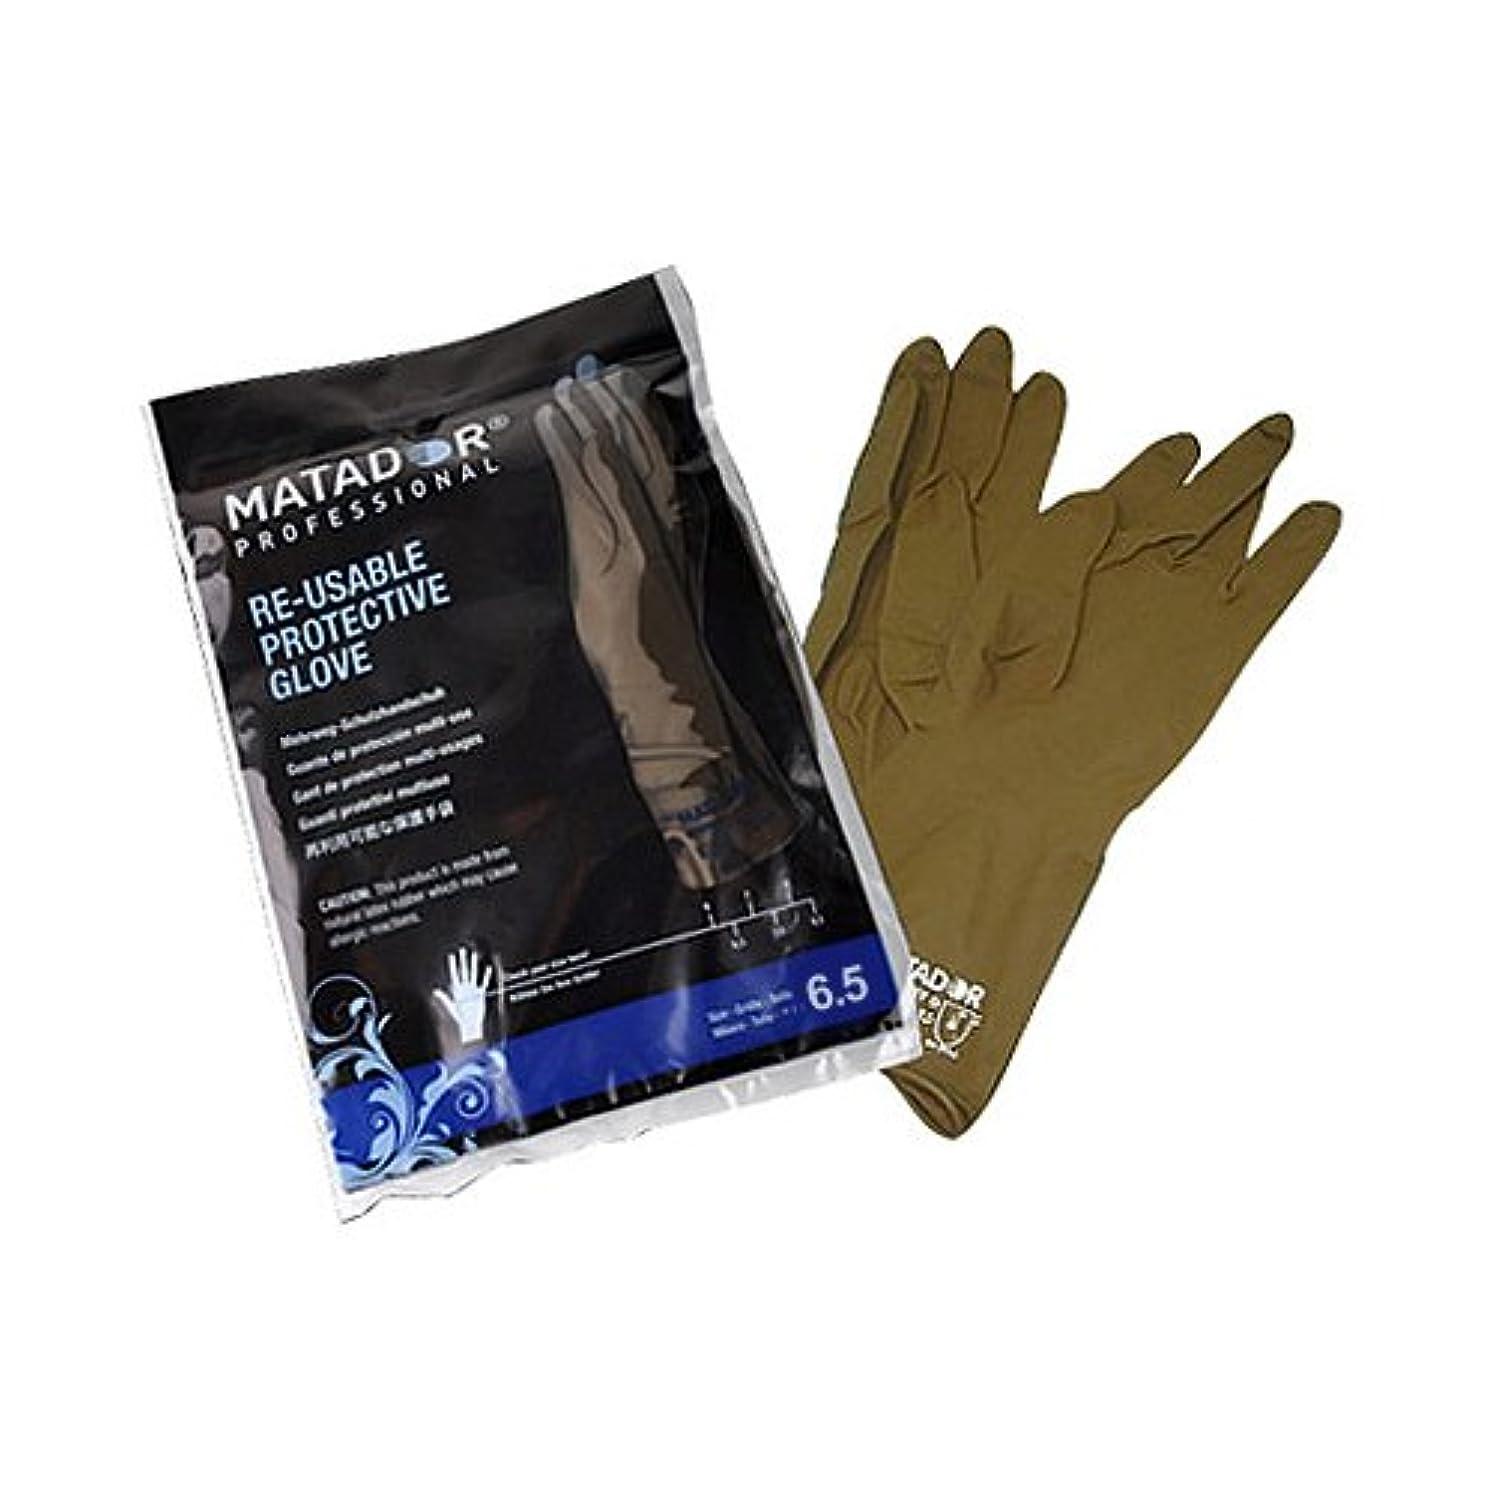 相互接続コンパニオンギャザーマタドールゴム手袋 6.5吋 【10個セット】